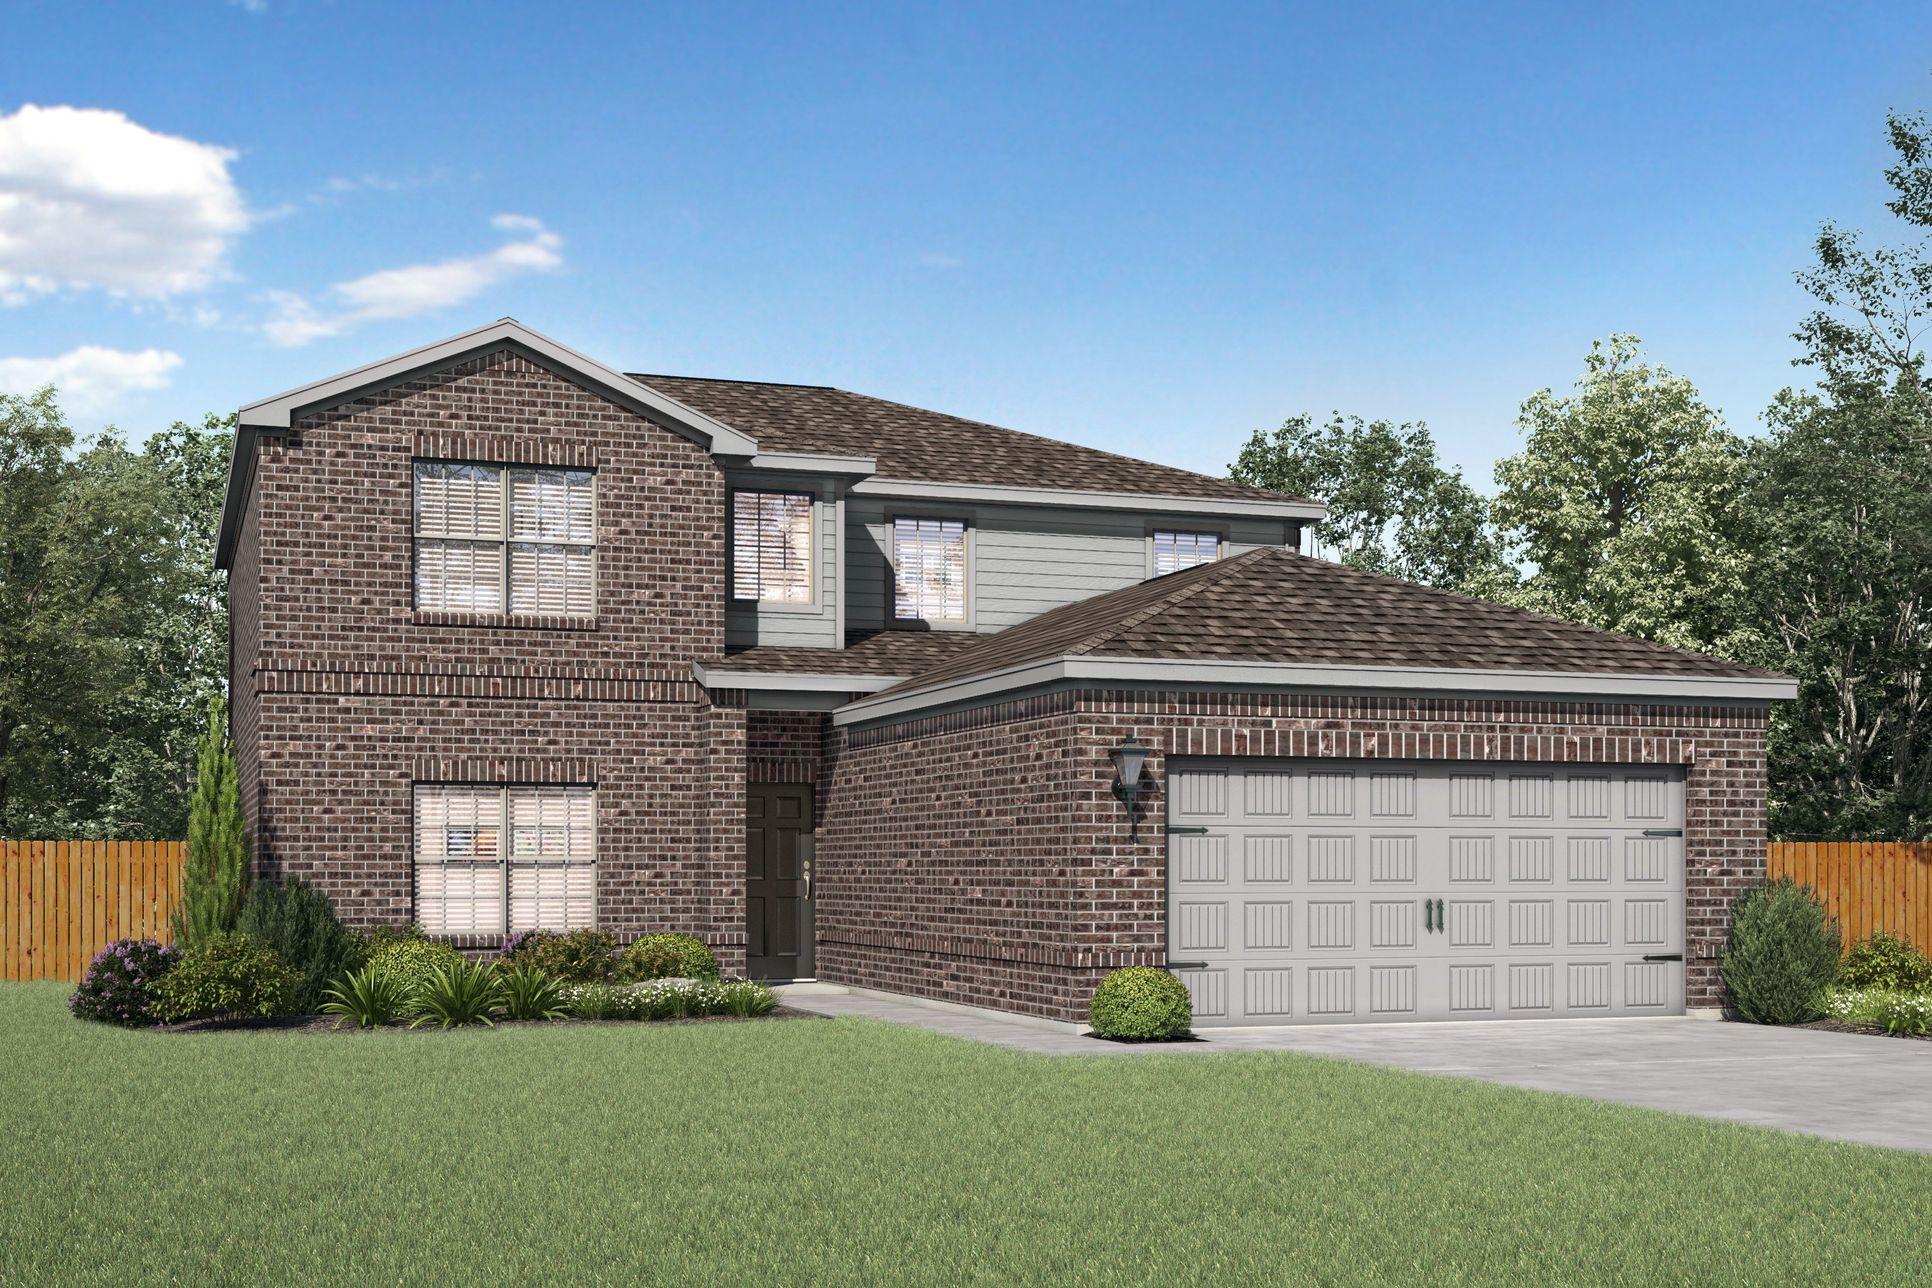 The Oakmont Plan by LGI Homes:The Oakmont plan by LGI Homes.